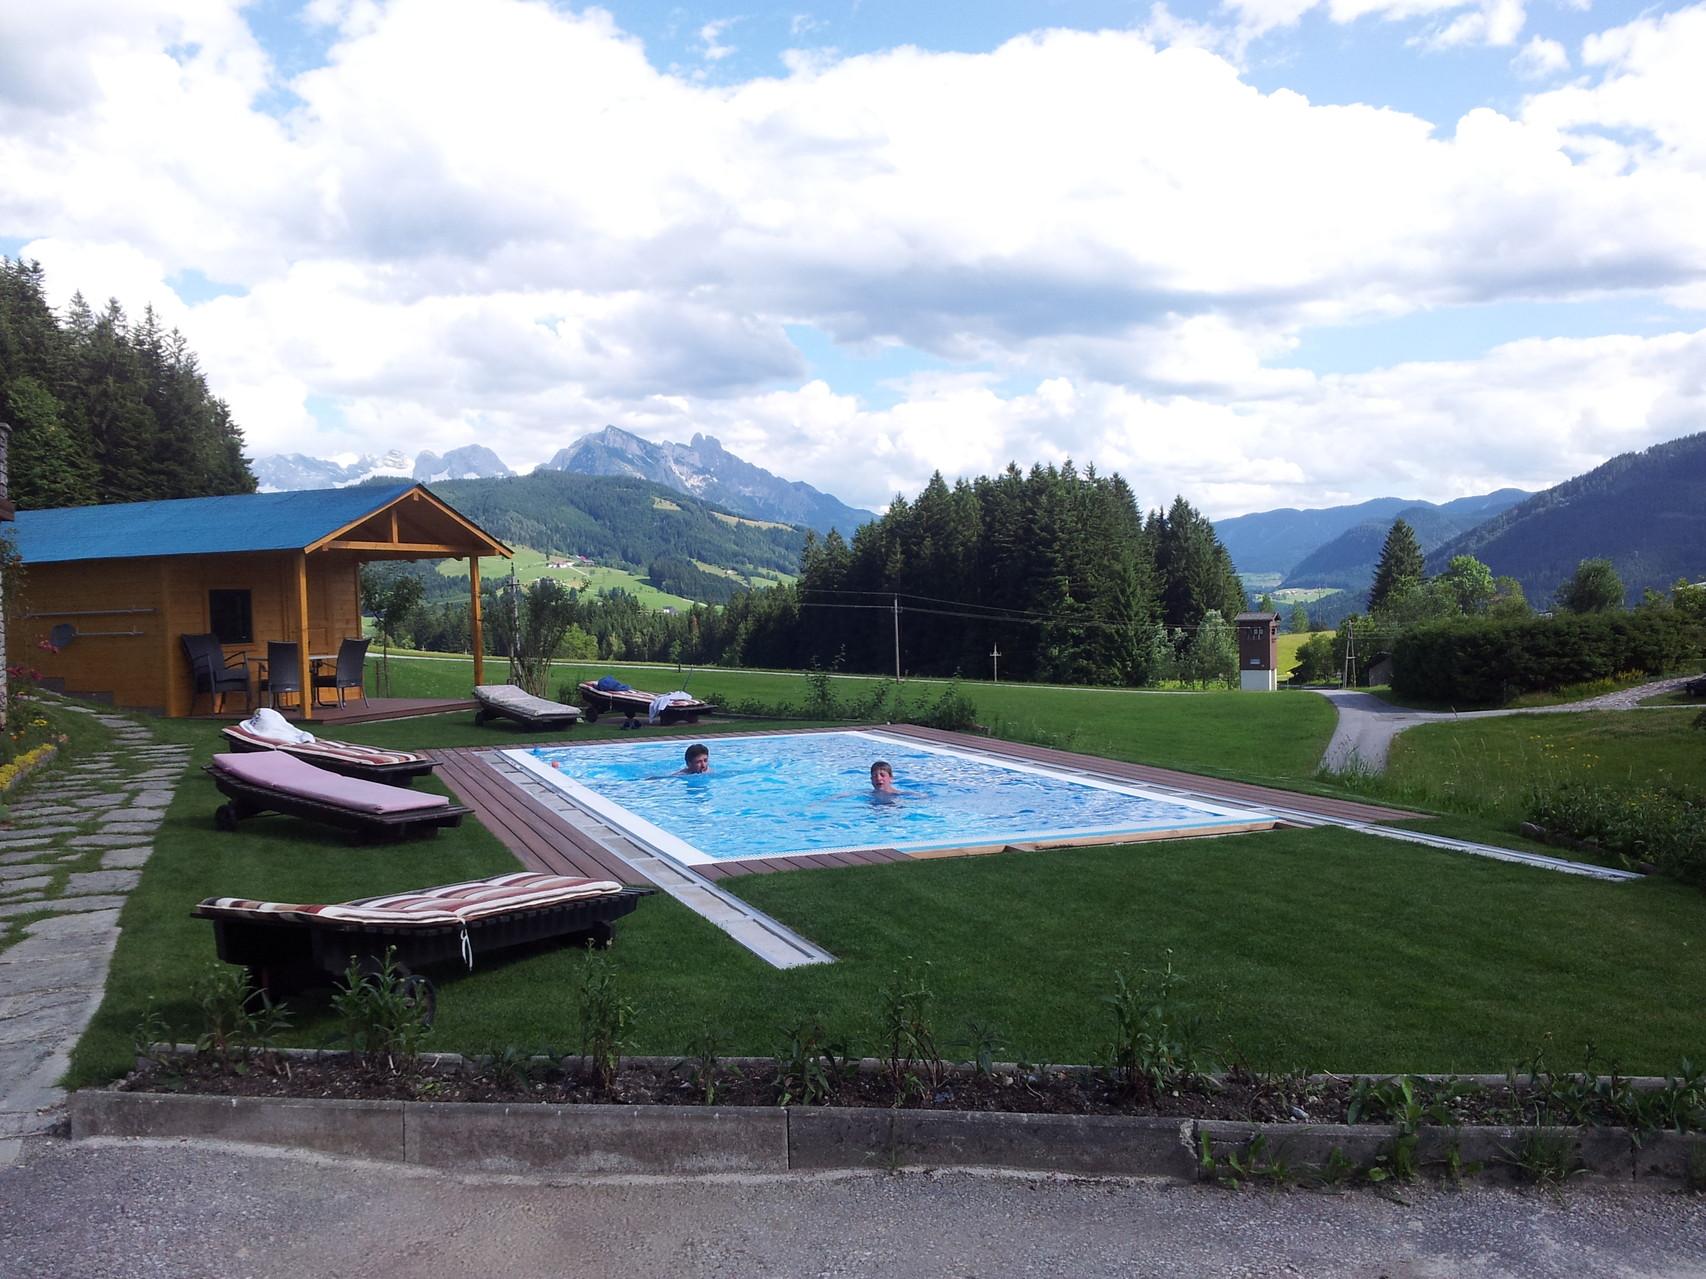 Biohof haus Wieser, Abtenau, Salzburg Land, Schwimmbad - neu